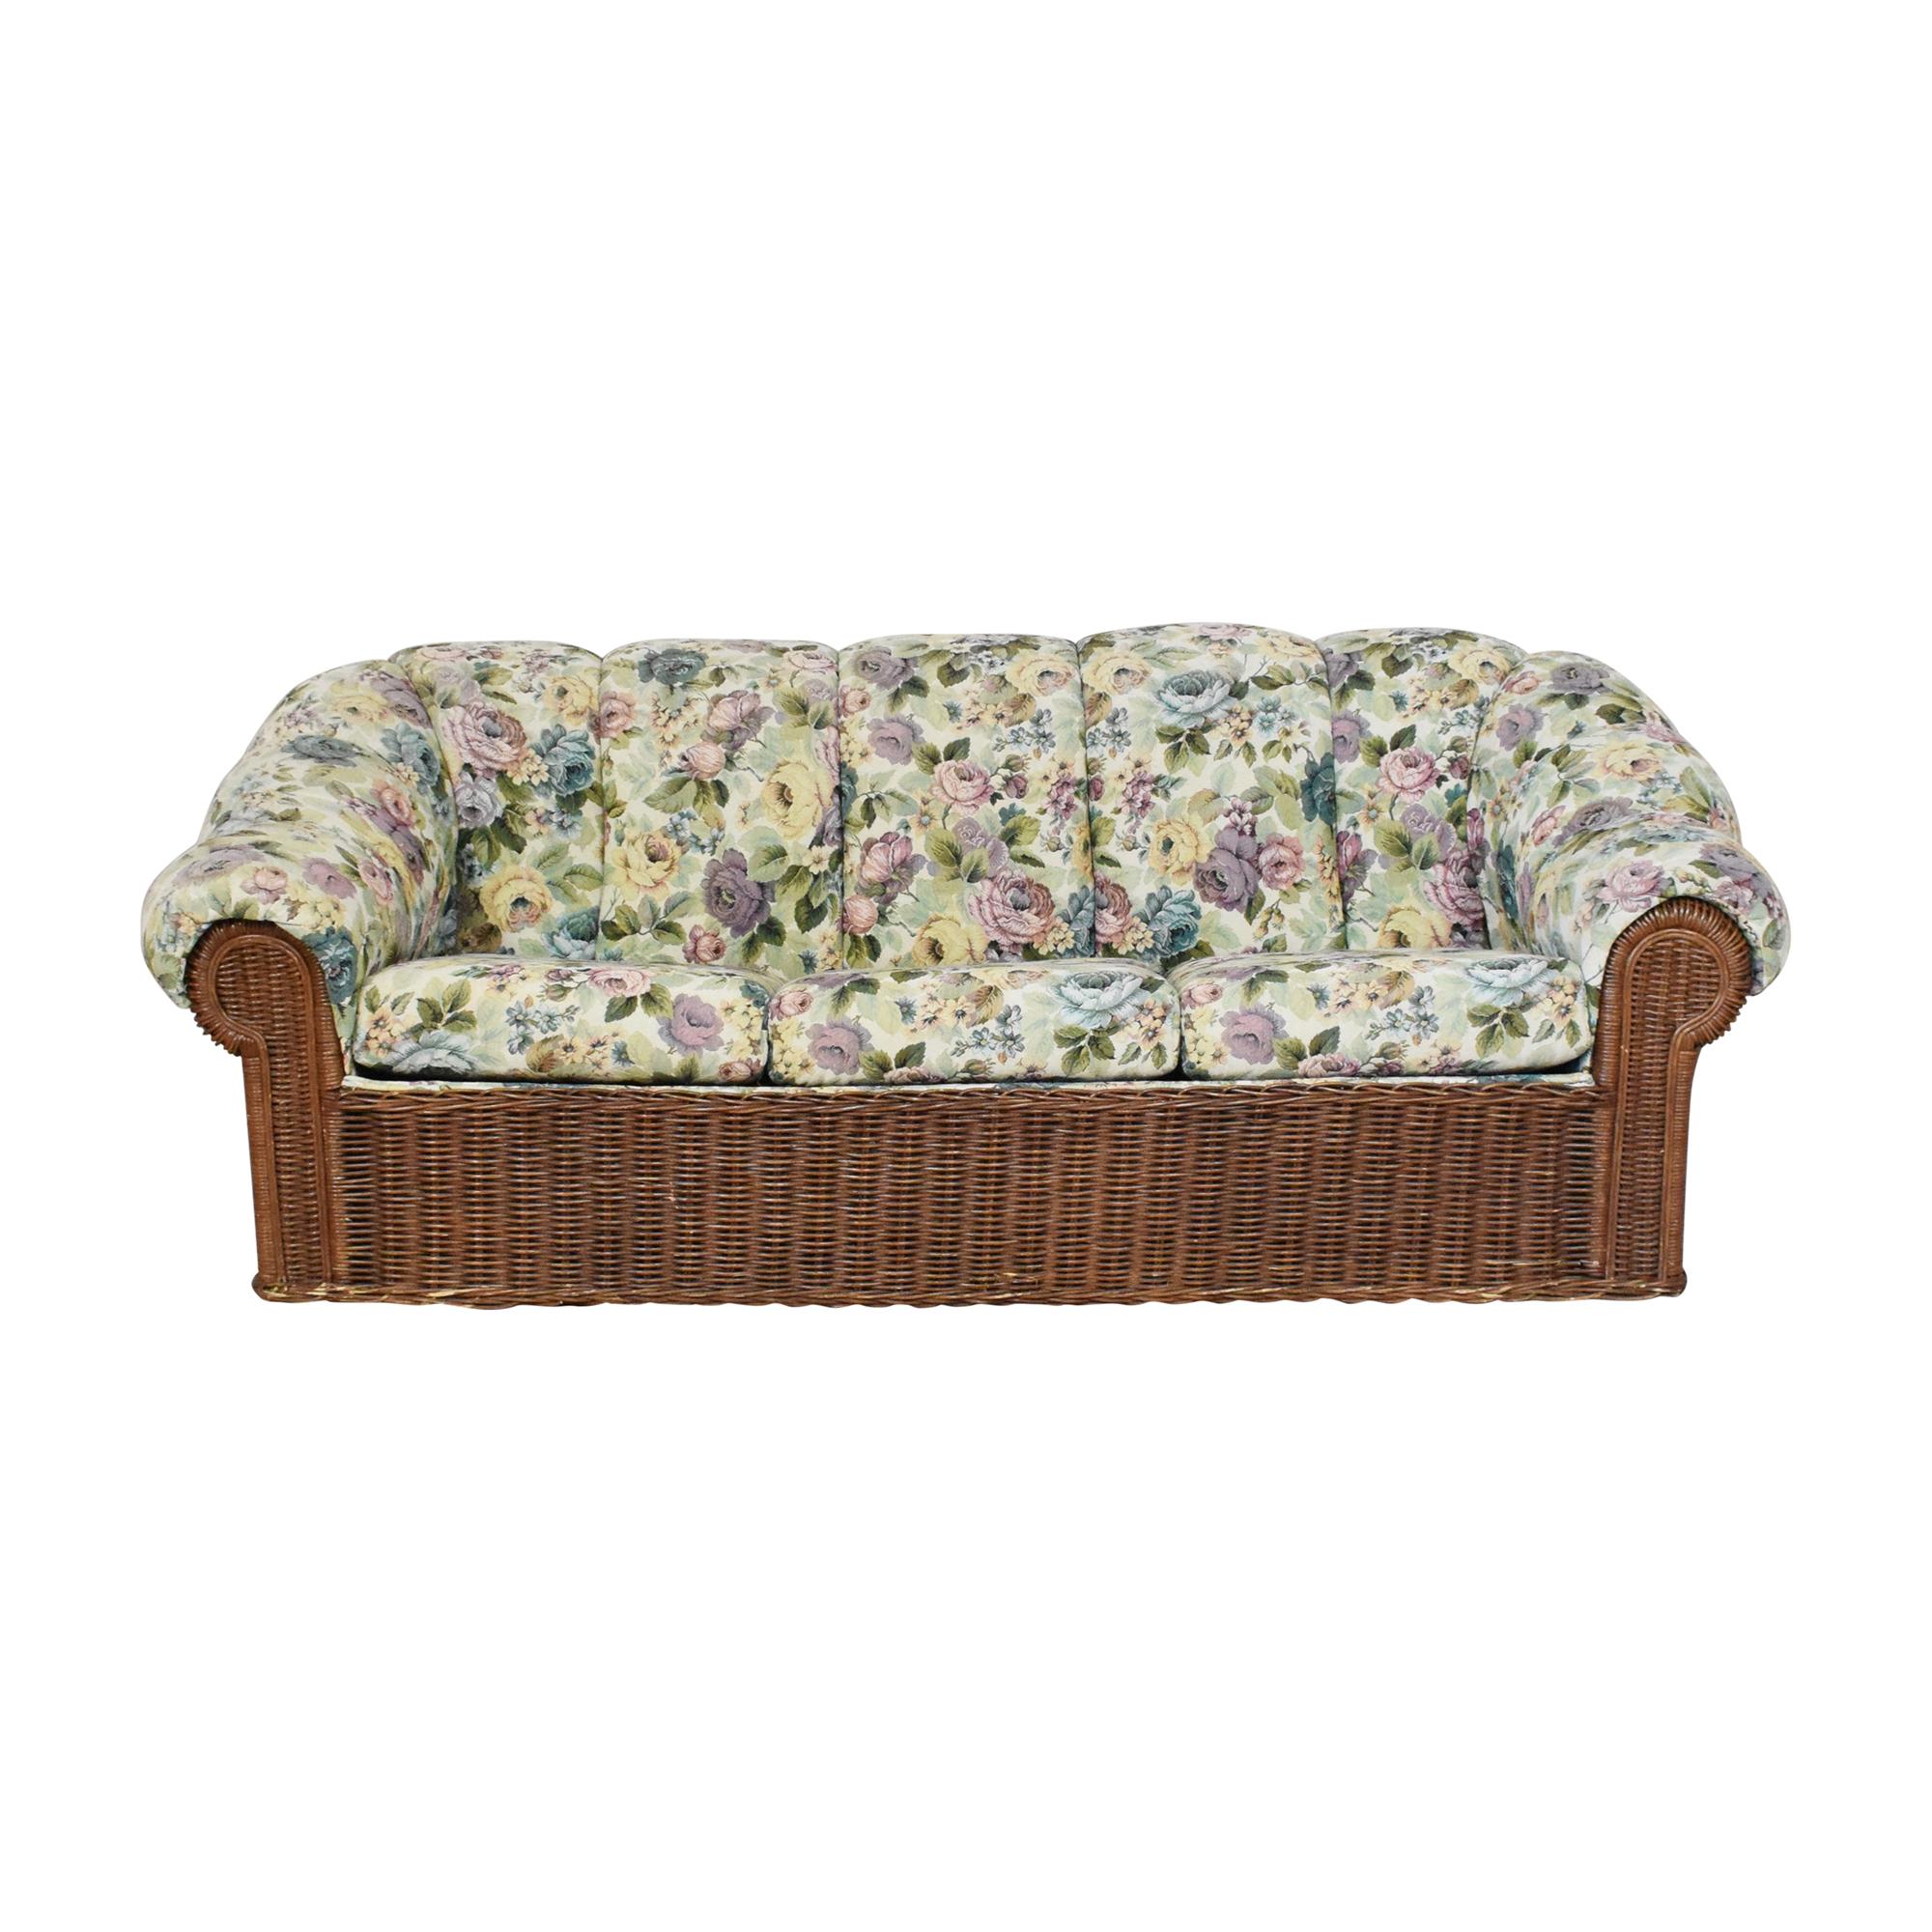 LaCor Furniture LaCor Custom Floral Sleeper Sofa dimensions